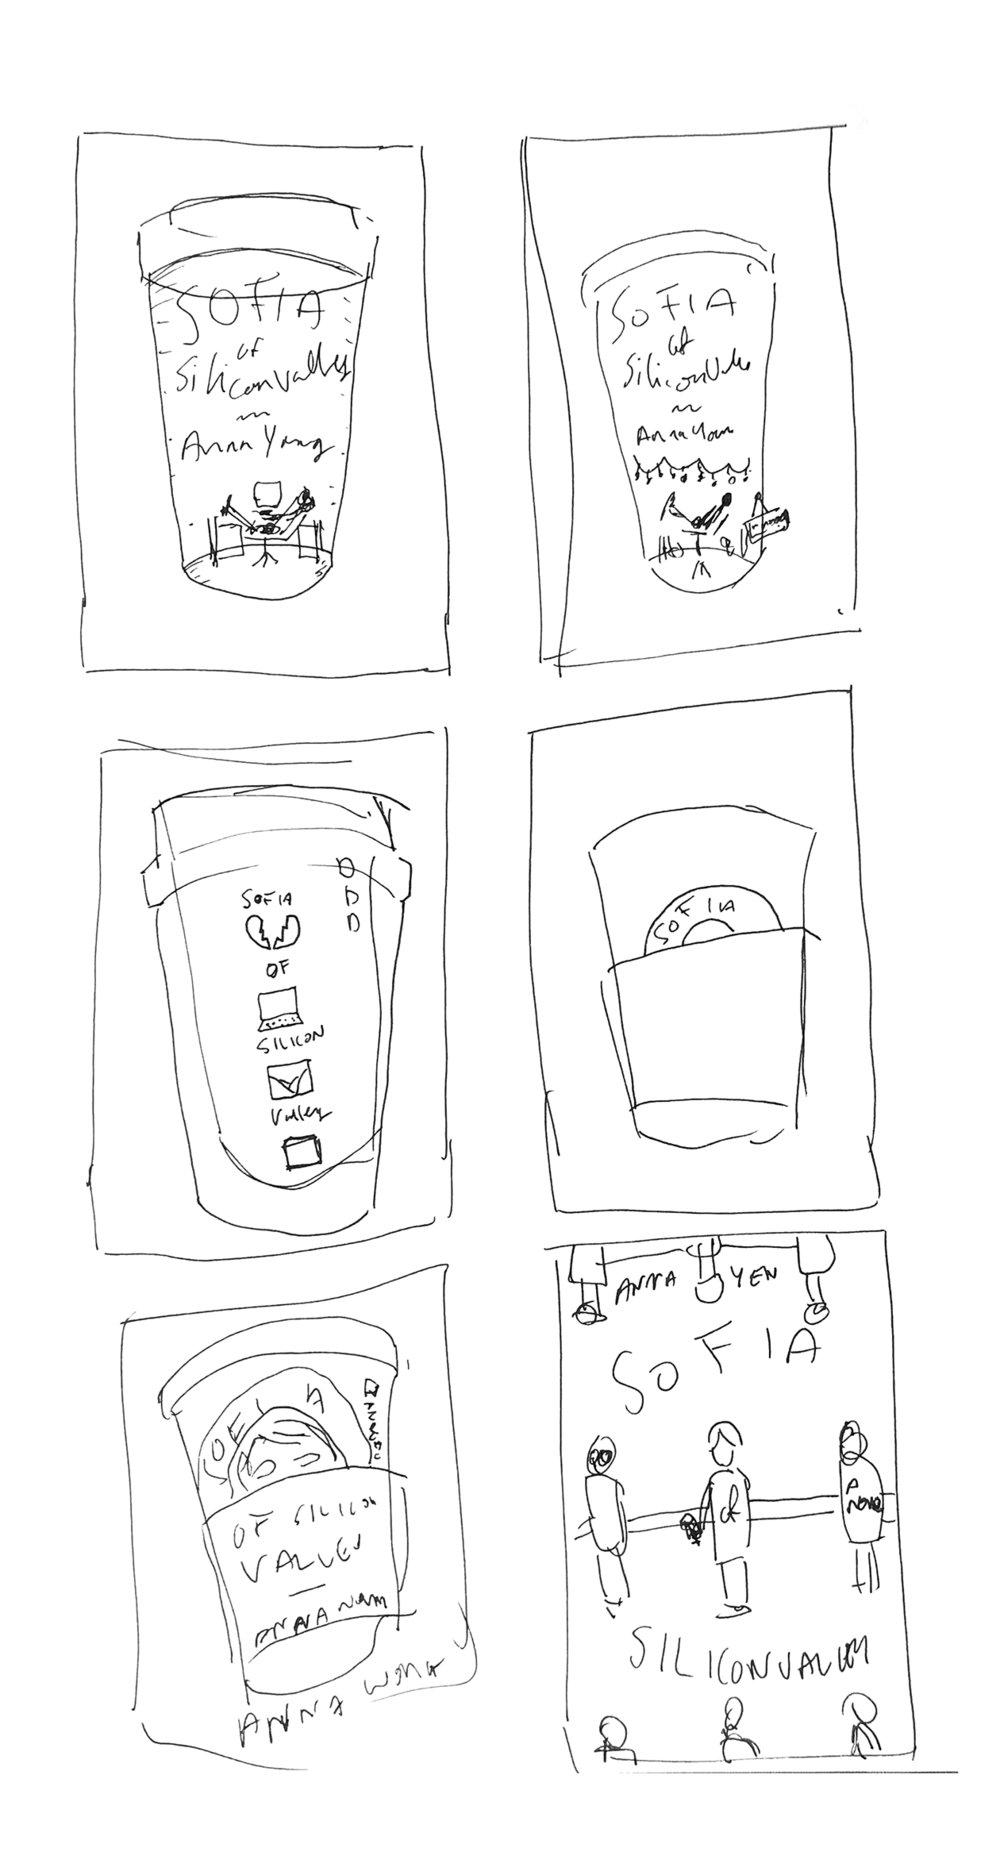 Sophia sketchs.jpg